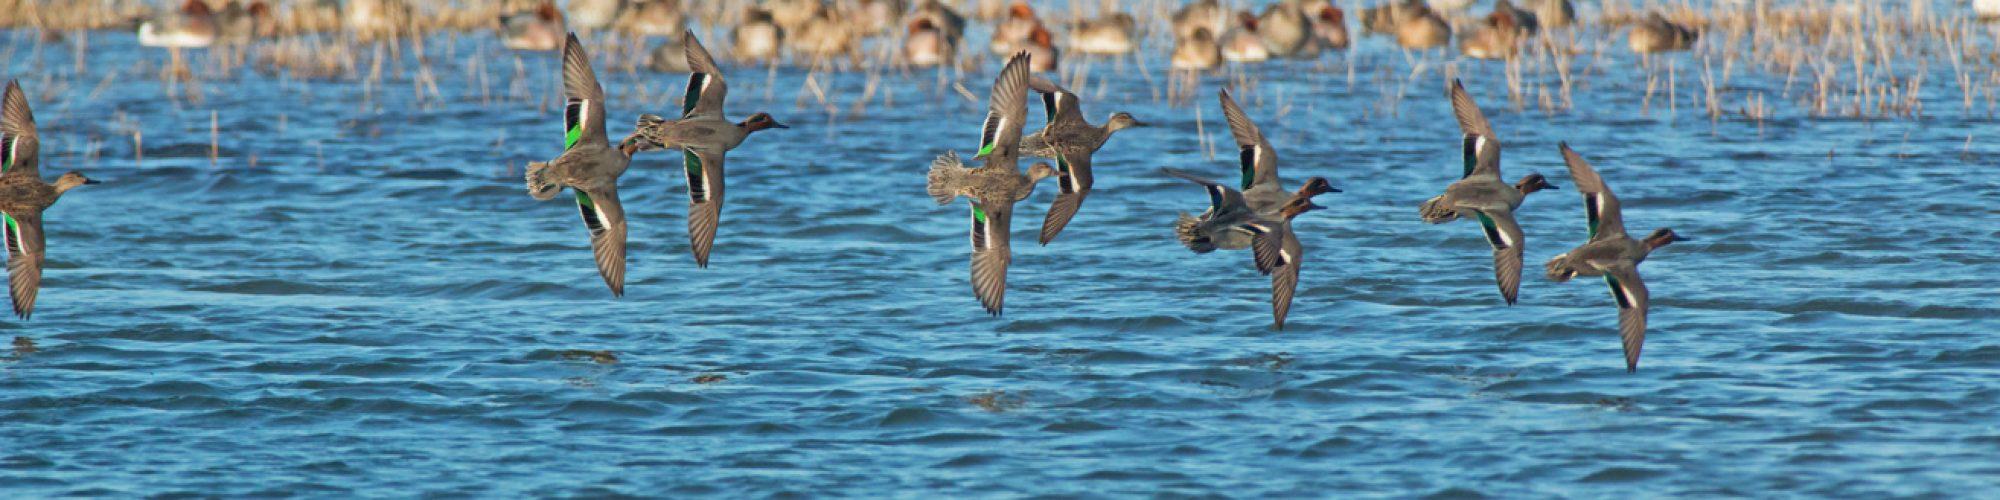 Les oiseaux de la réserve naturelle de l'estuaire